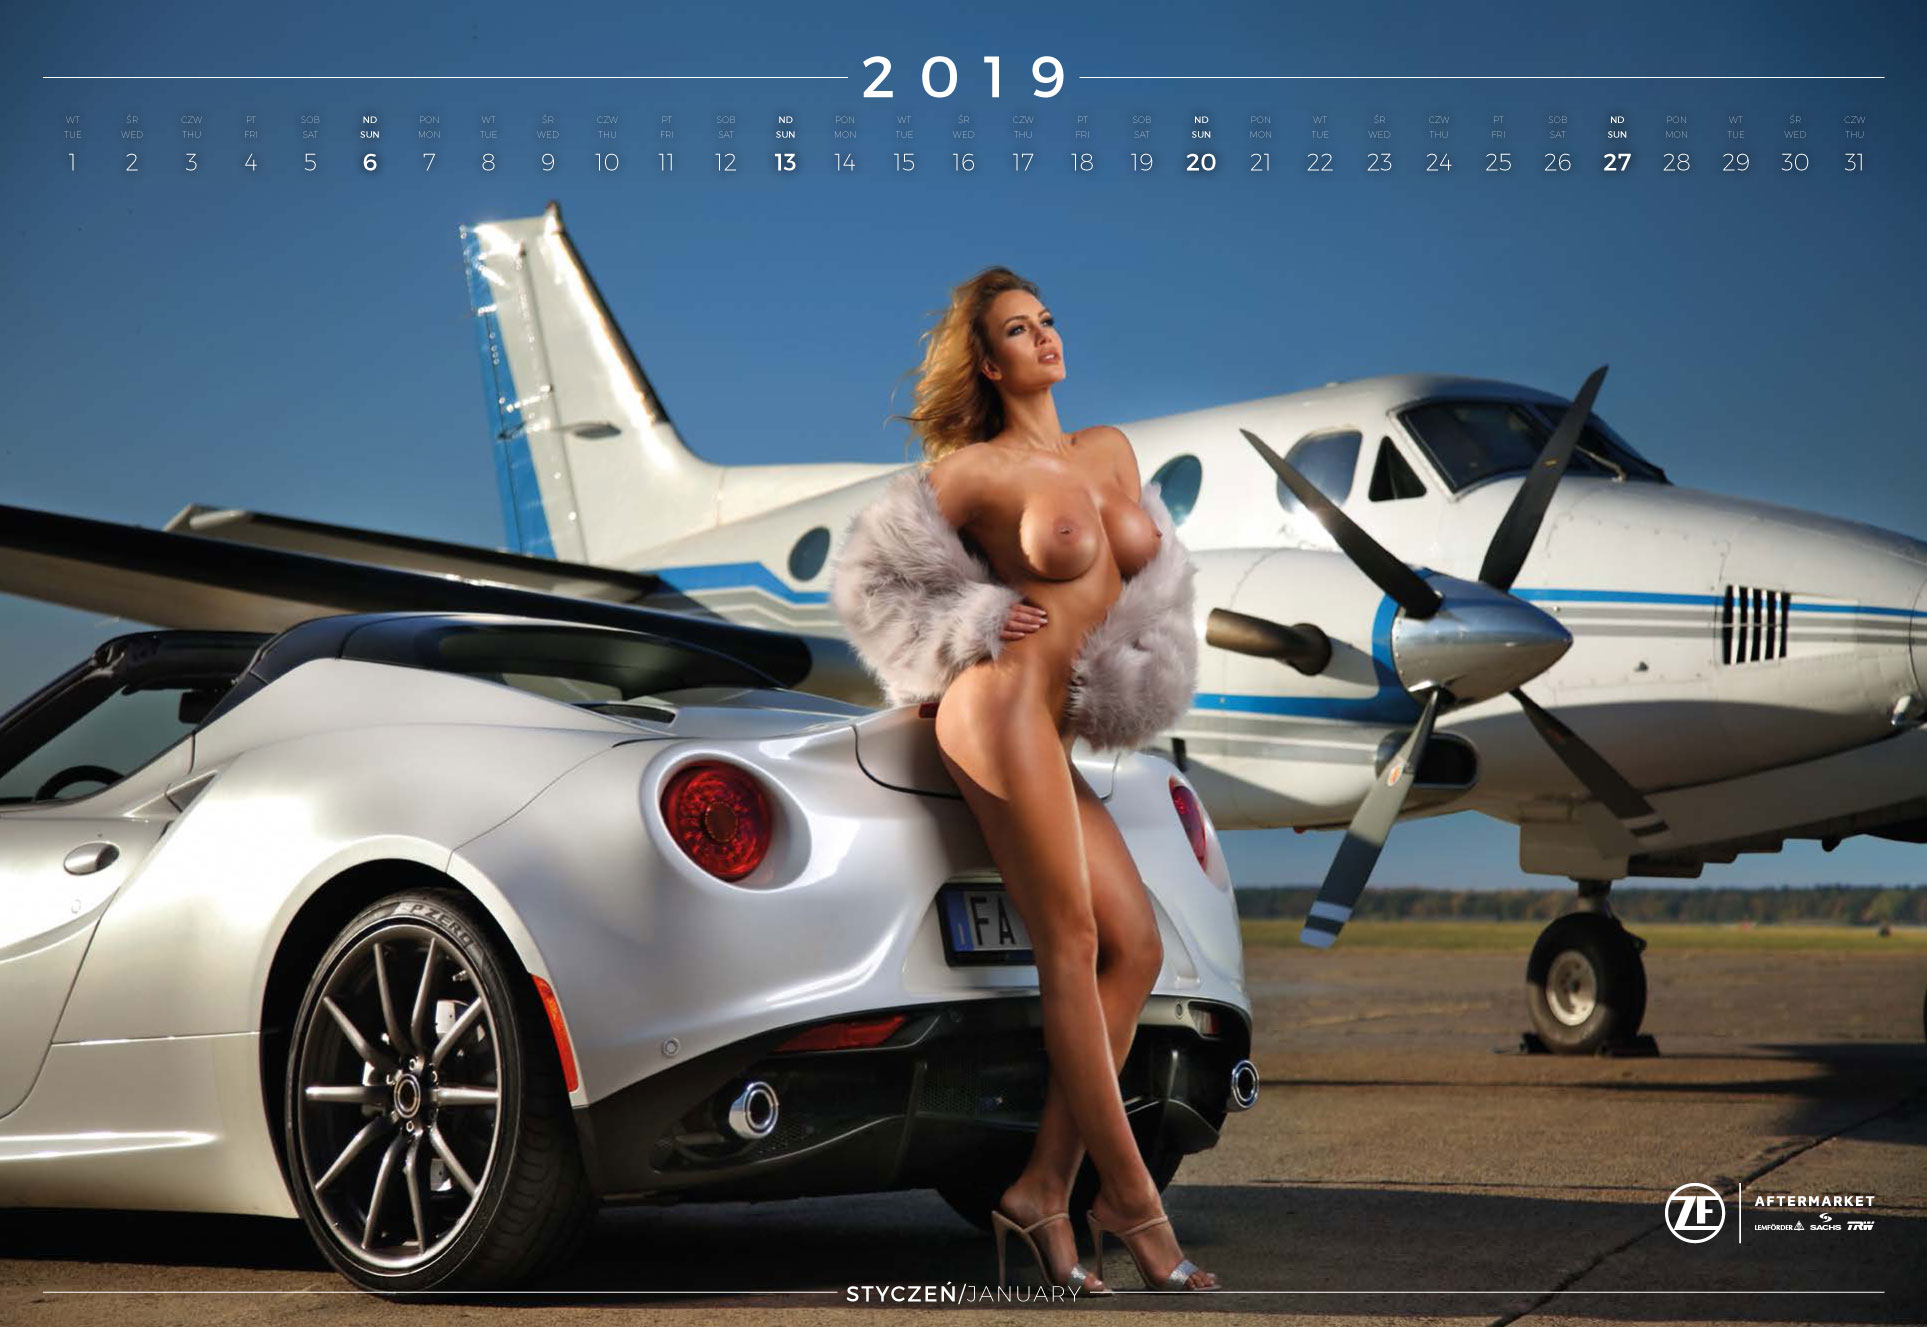 январь - эротический календарь 2019 Inter Cars SA / польский дистрибьютор автомобилей, сопутствующих товаров и запчастей